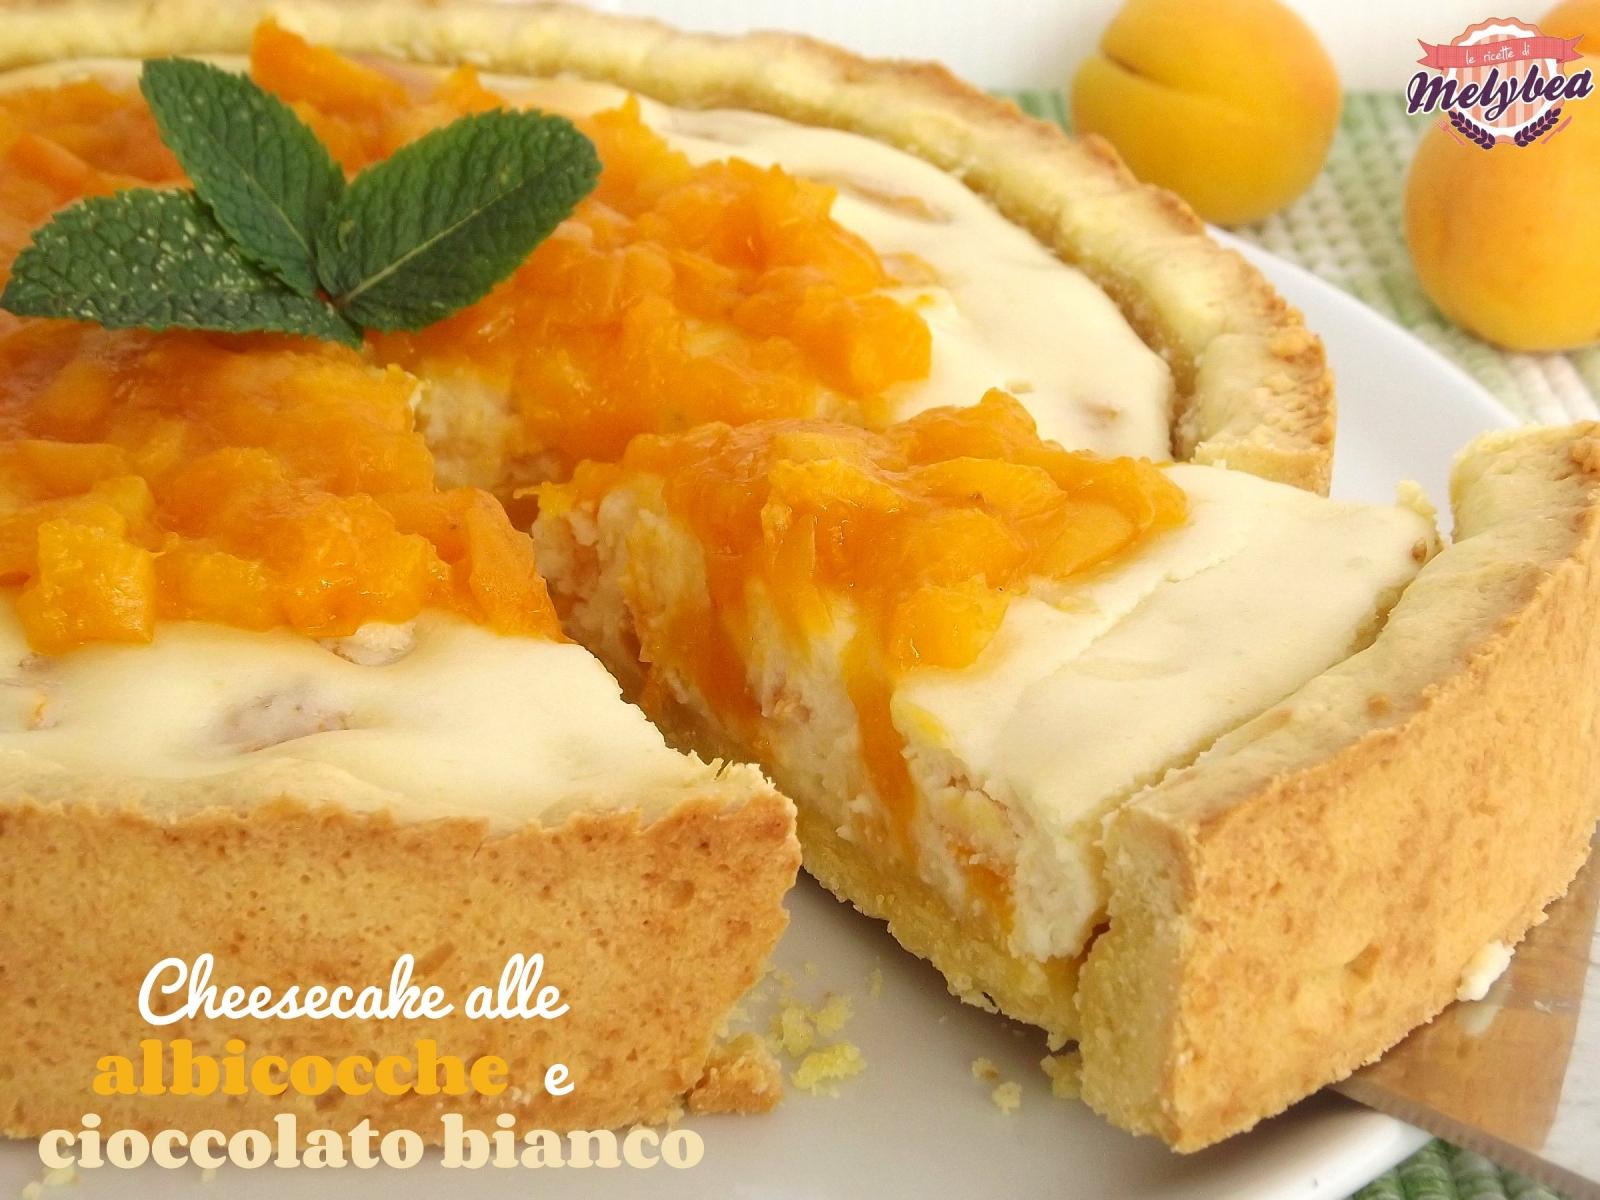 cheesecake alle albicocche e cioccolato bianco